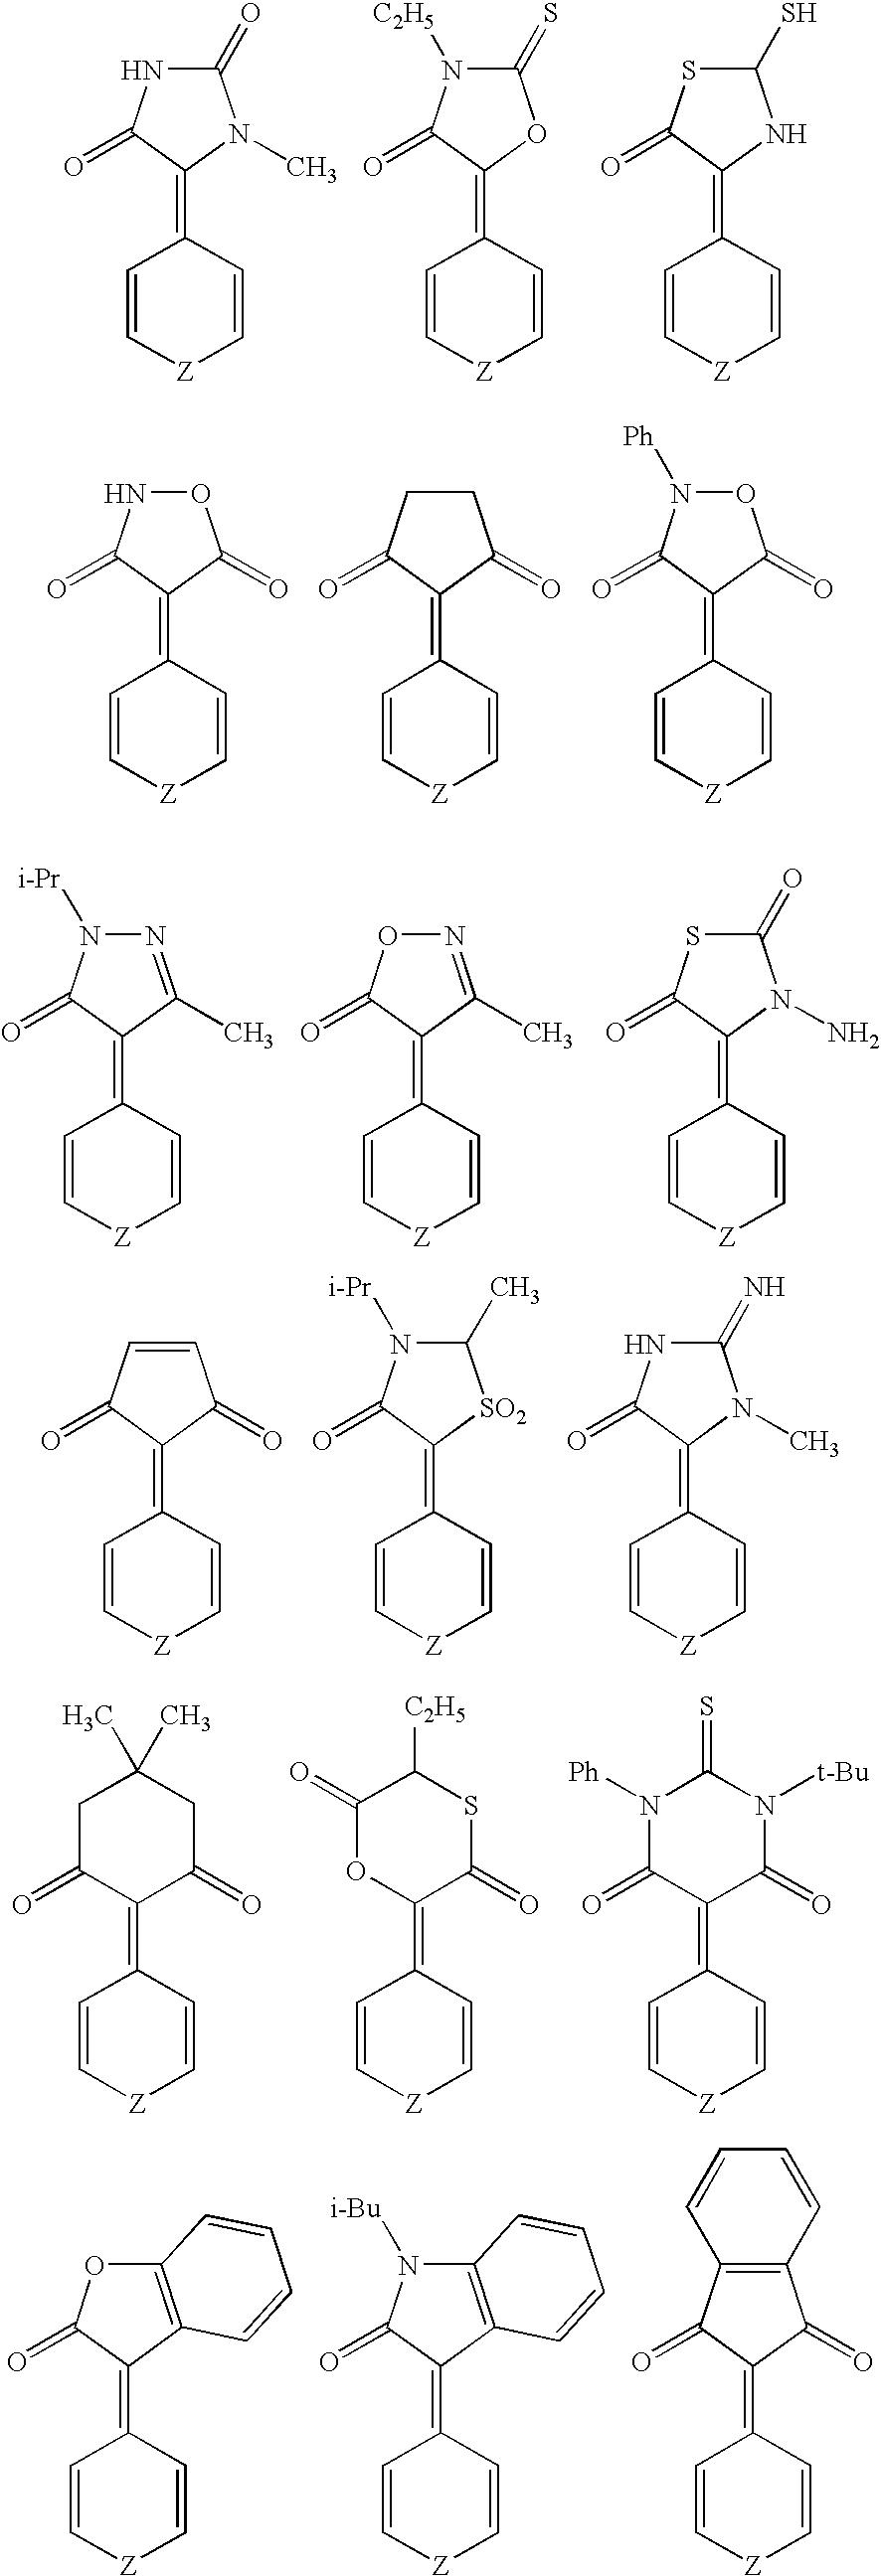 Figure US06815033-20041109-C00017